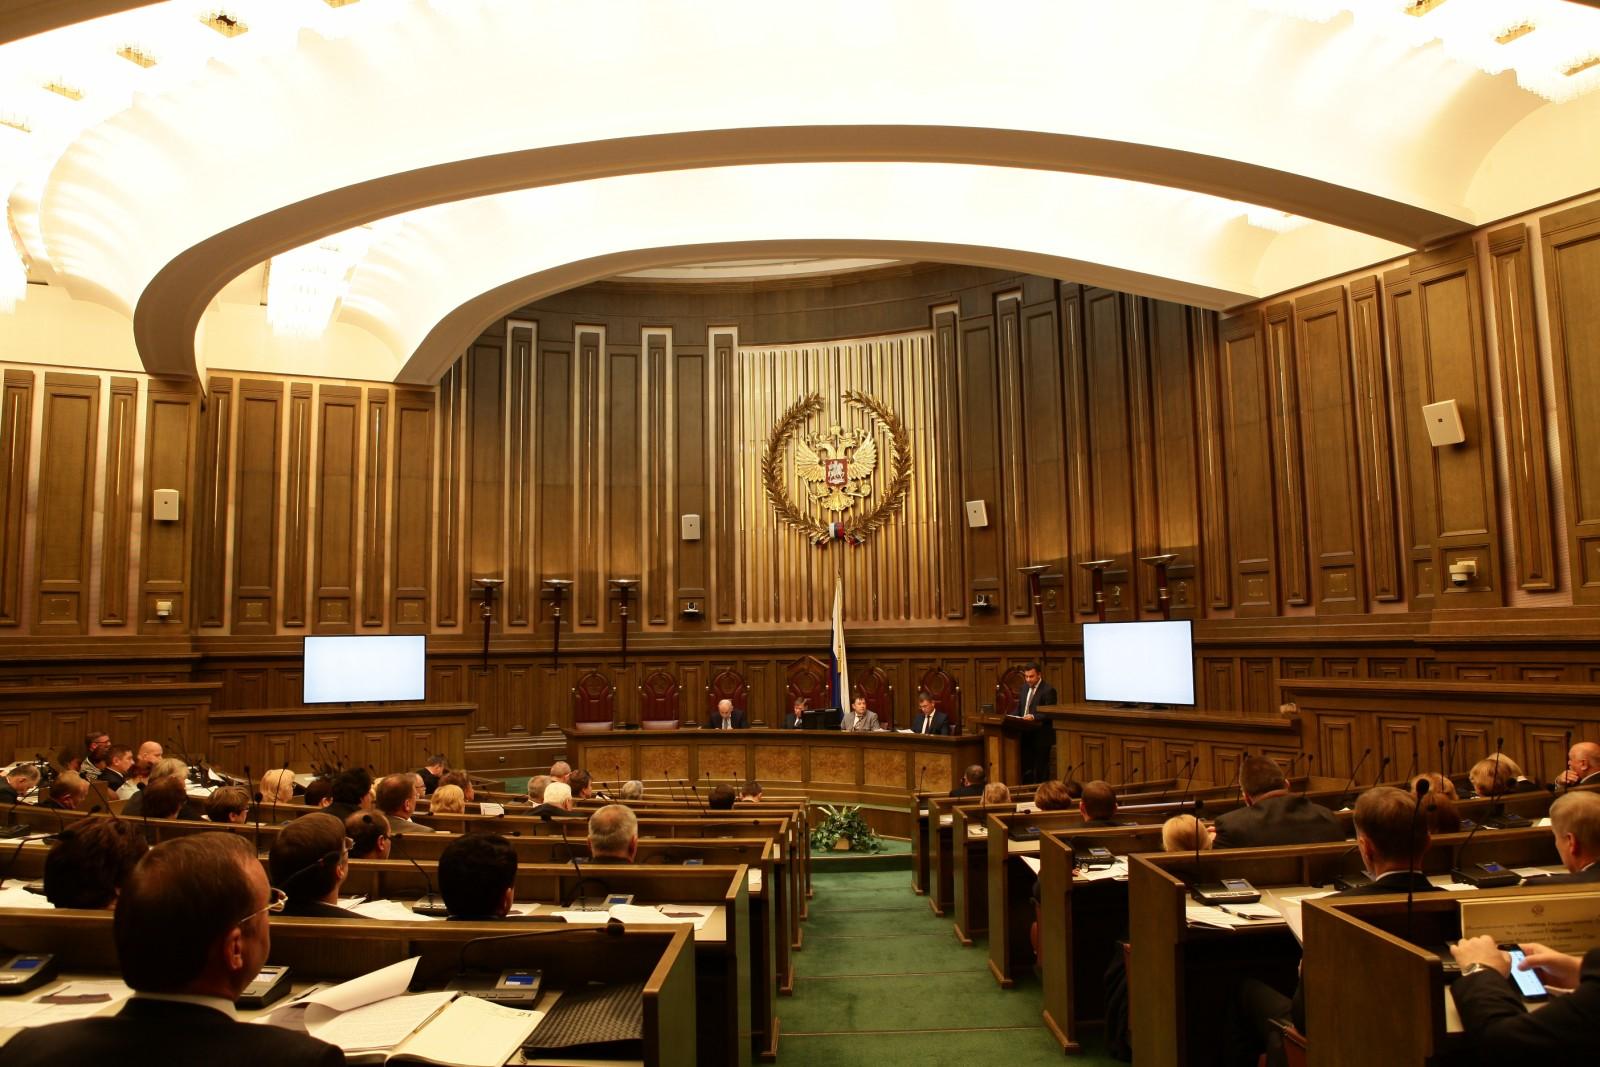 ВС РФ: банк не может изменять тарифы на обслуживание без согласия потребителя